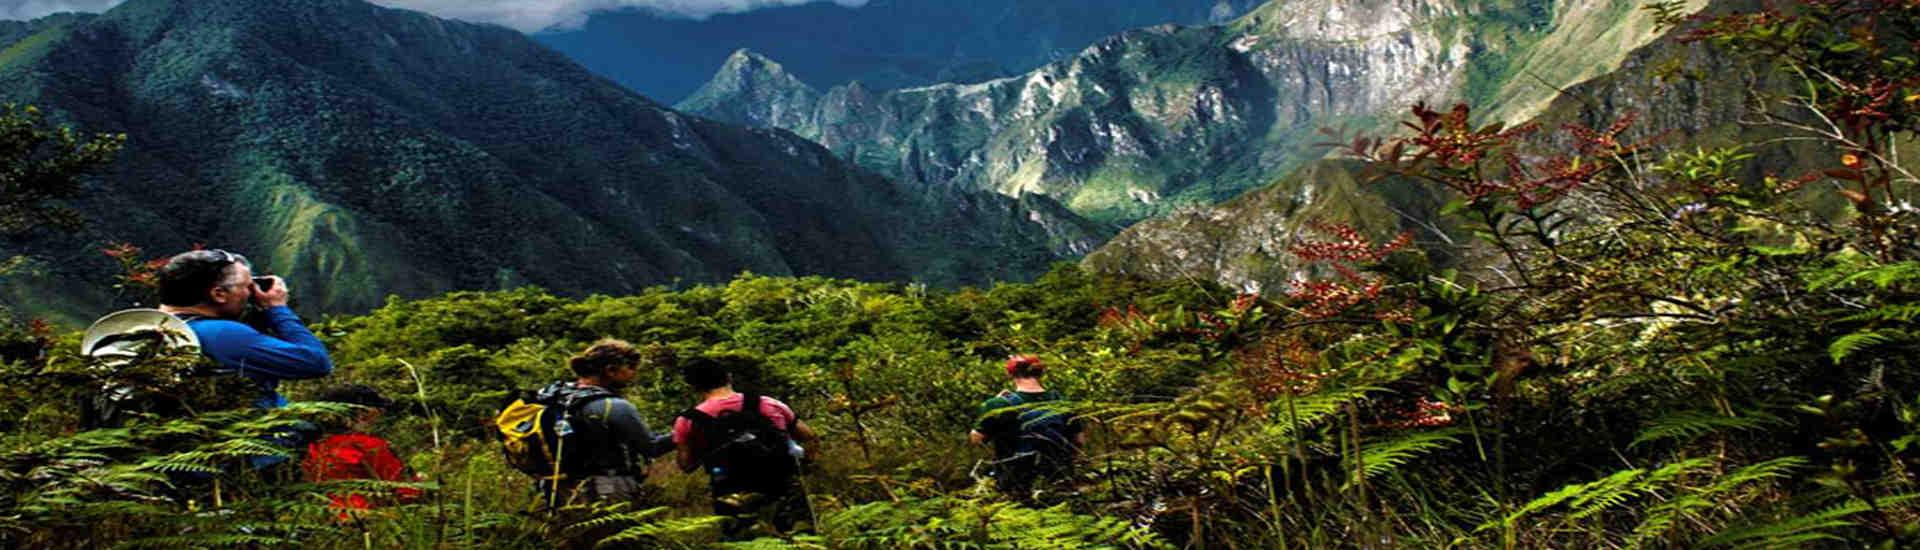 inca jungle trail machu picchu toursperumachupicchu agencia de viajes